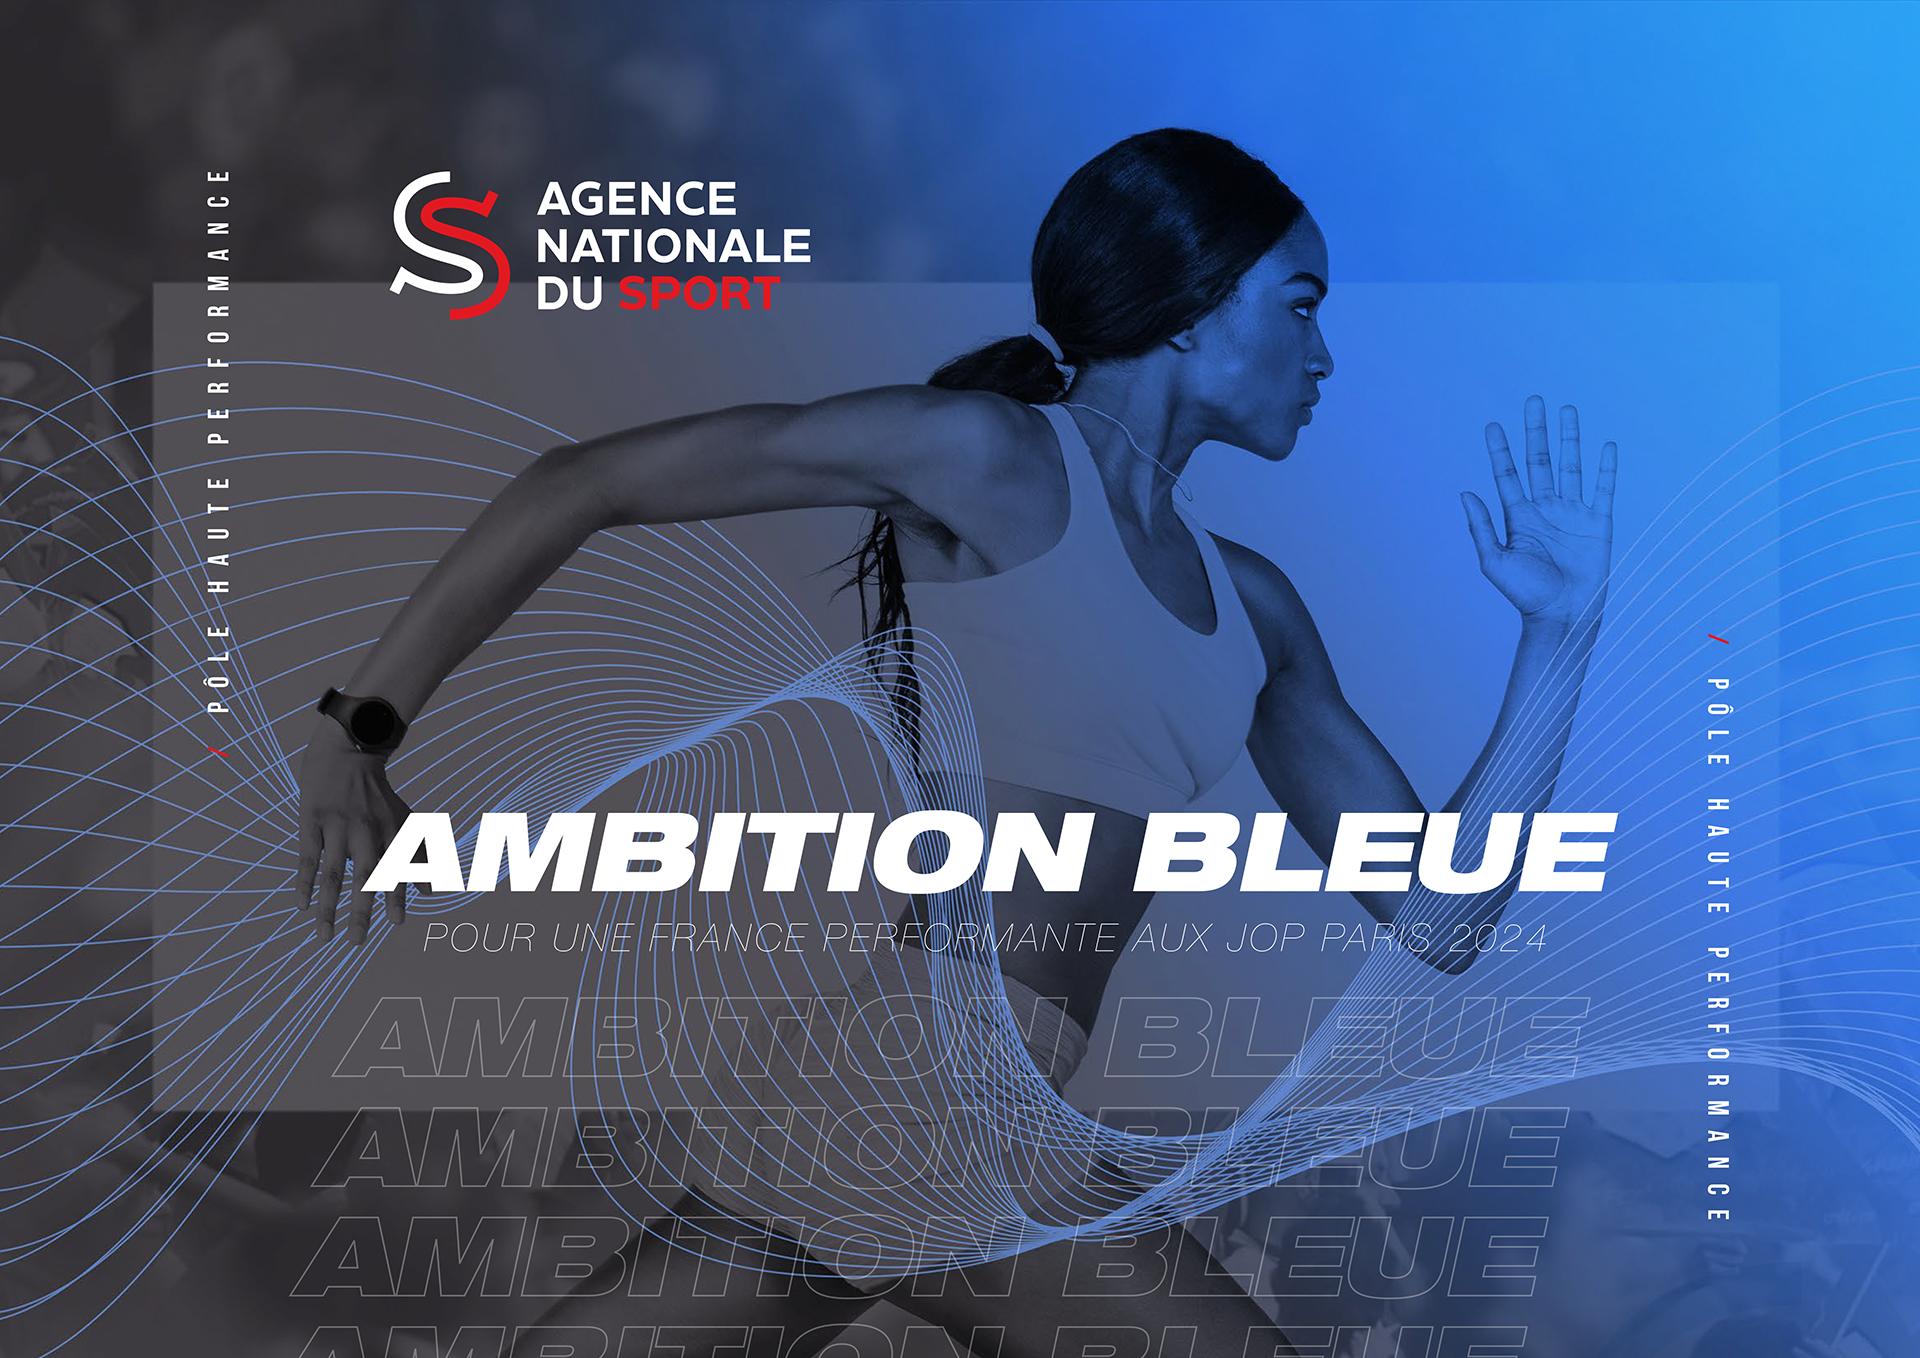 Couverture  brochure Ambition Bleue